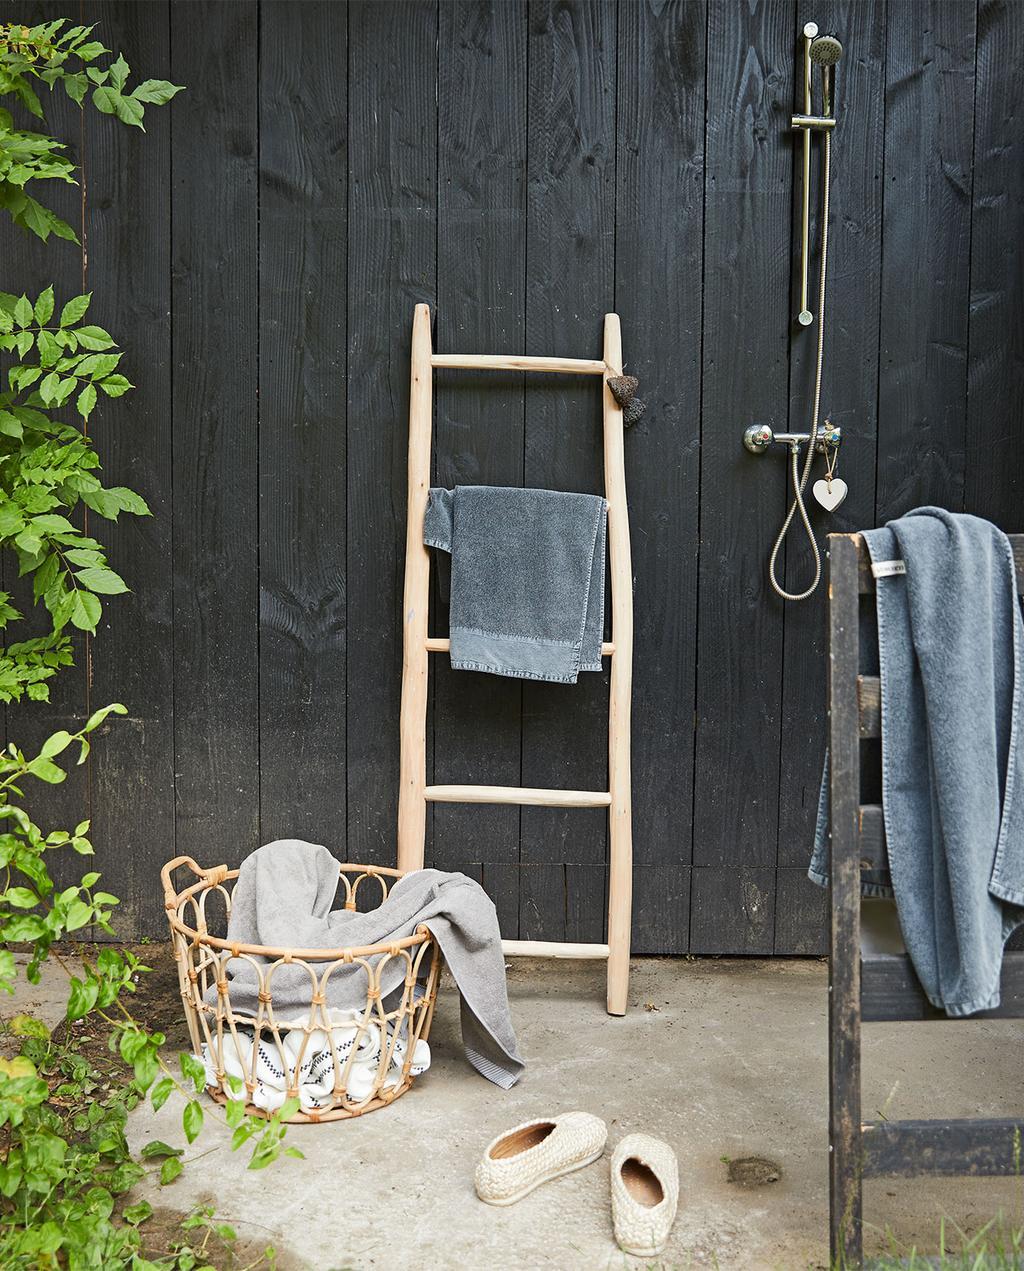 vtwonen special tuin 03 2021 | buitendouche met een trapje en handdoek